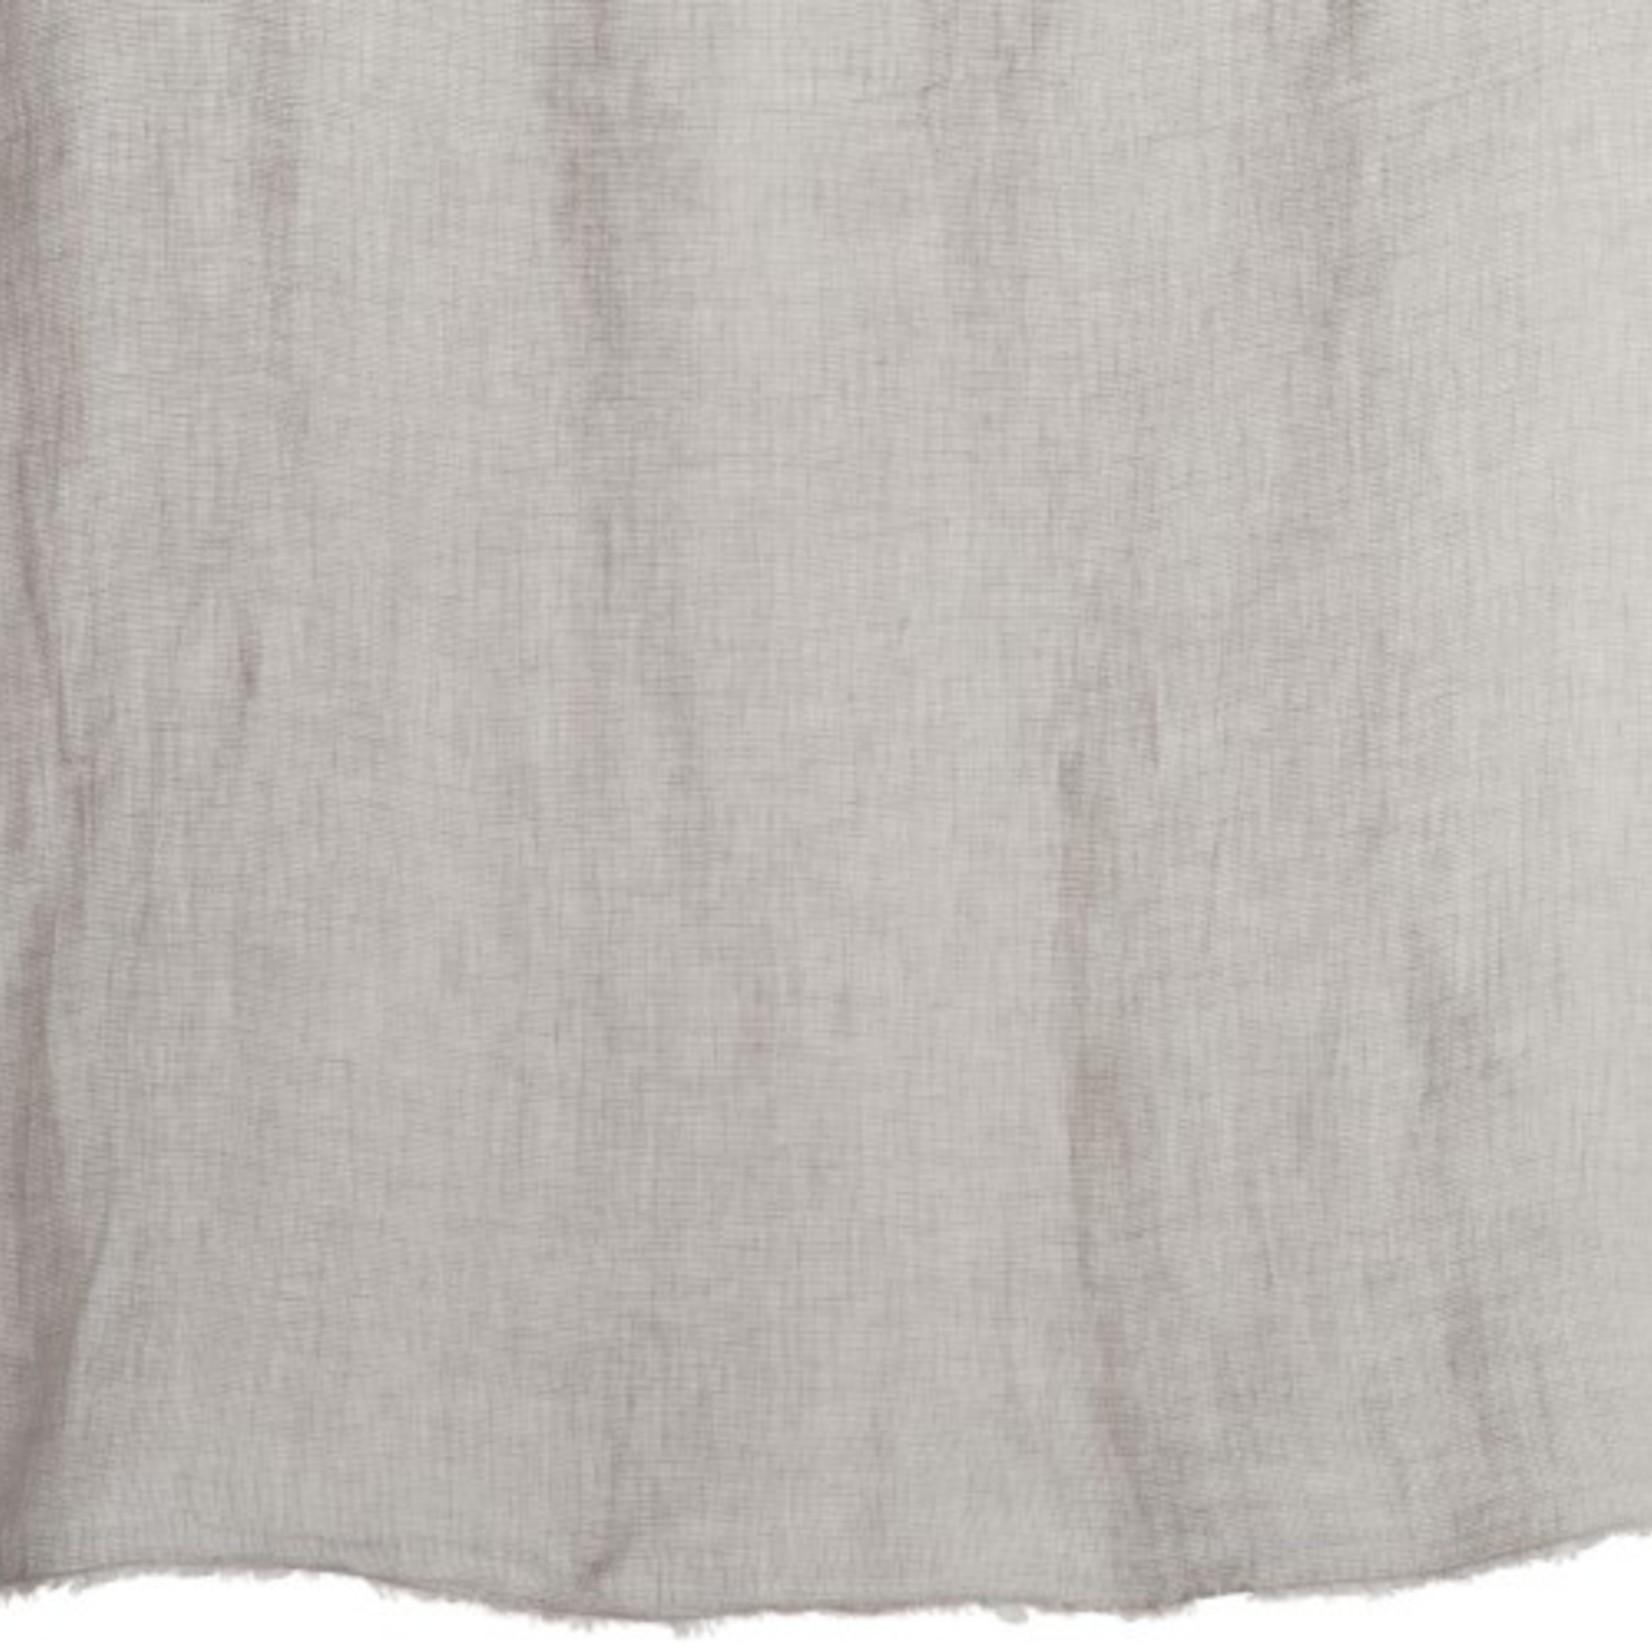 Jolipa  Plaid verschwaschen Leinen grau